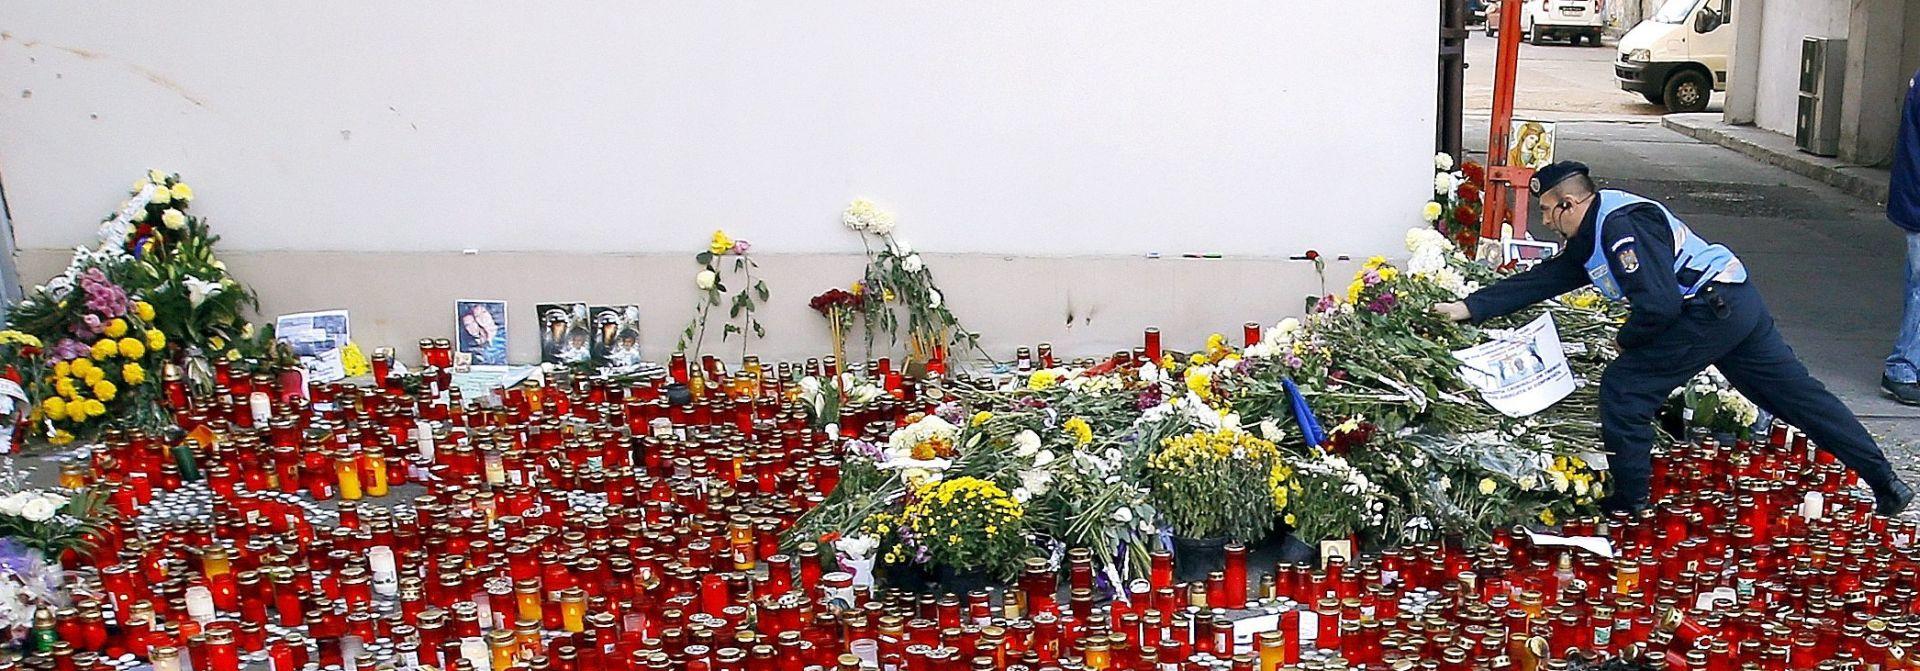 POŽAR U BUKUREŠTU: Tisuće ljudi odaju počast žrtvama